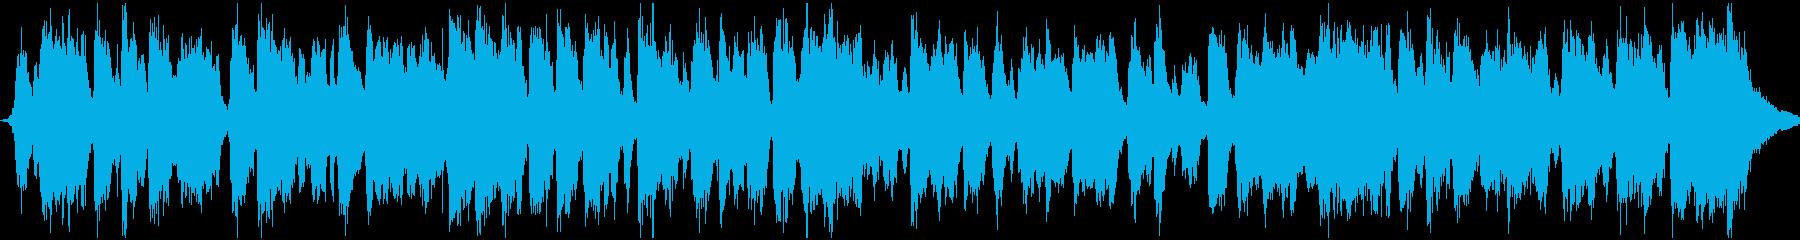 ブラスバンド(行進・入場・サッカー)の再生済みの波形